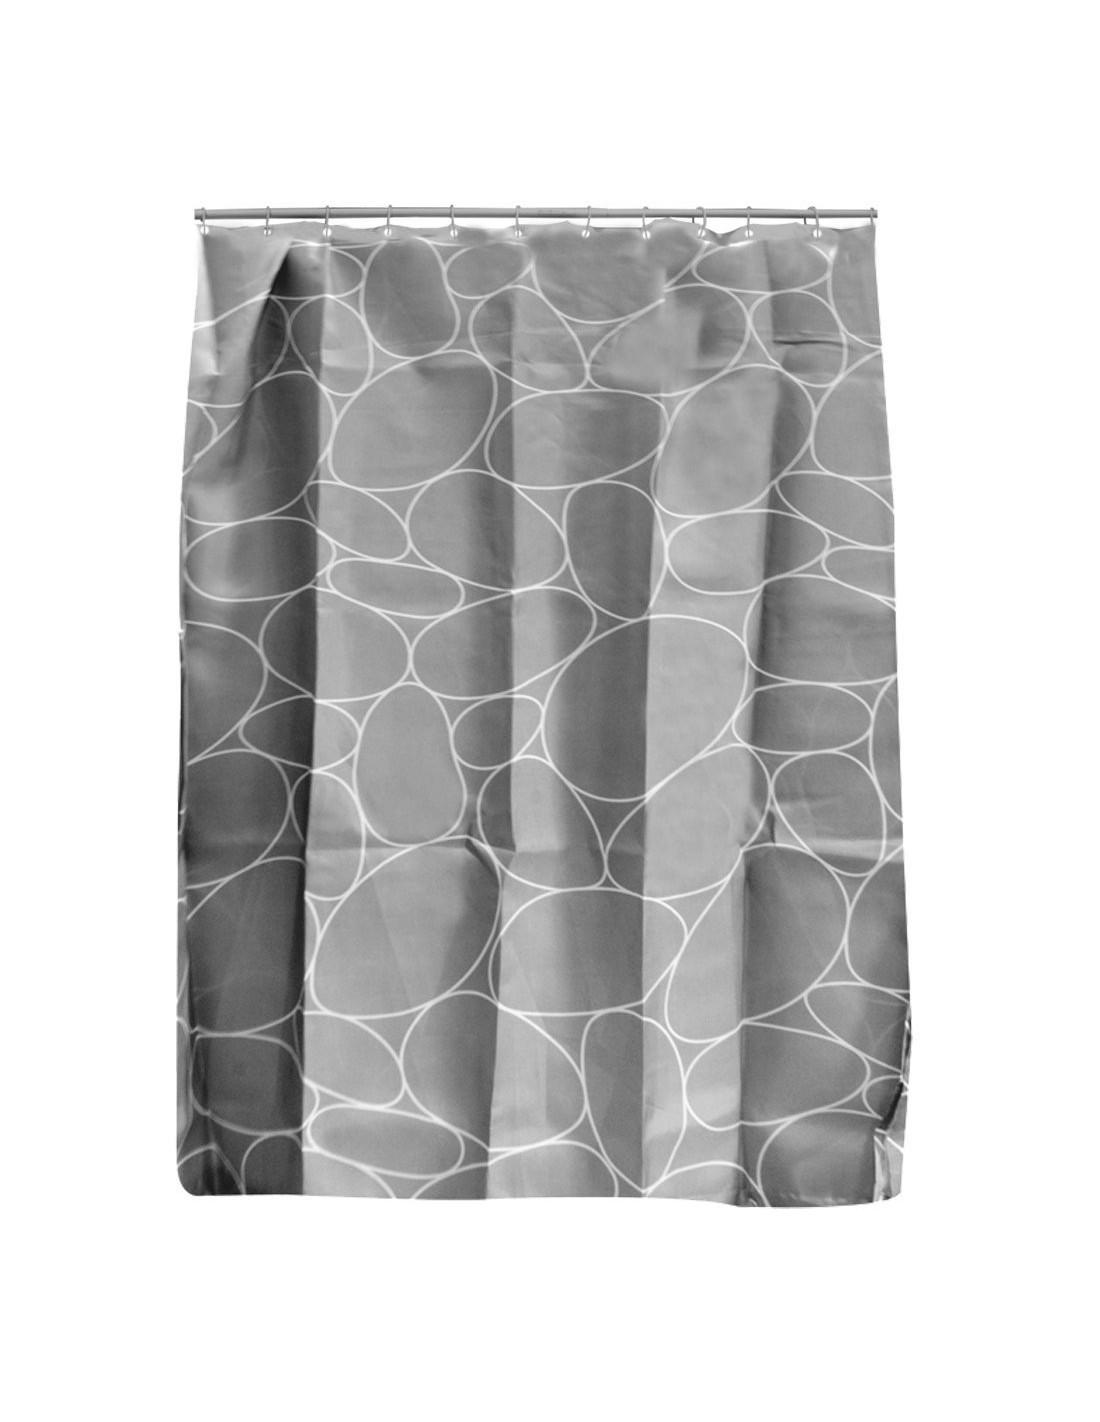 frandis rideau de douche polyester galet gris 180x200cm hyper brico. Black Bedroom Furniture Sets. Home Design Ideas